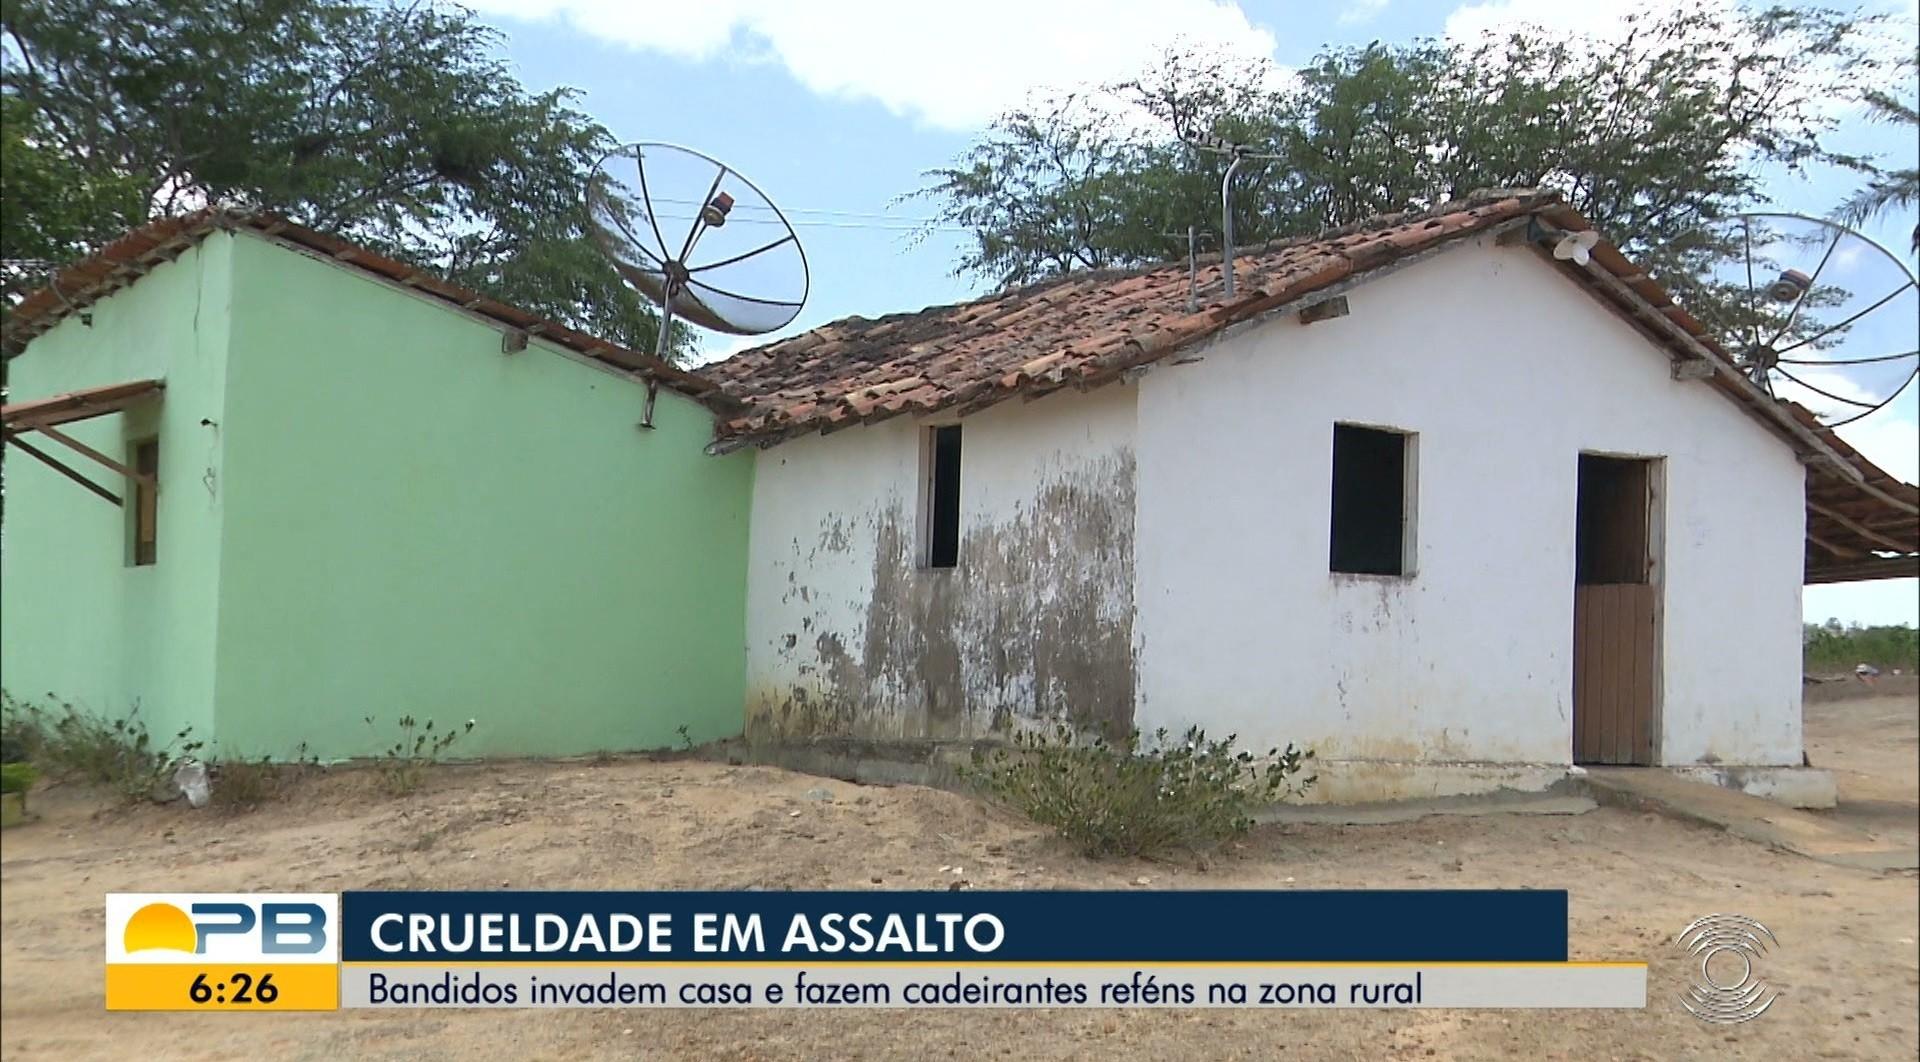 VÍDEOS: Bom Dia Paraíba desta quarta-feira, 29 de janeiro